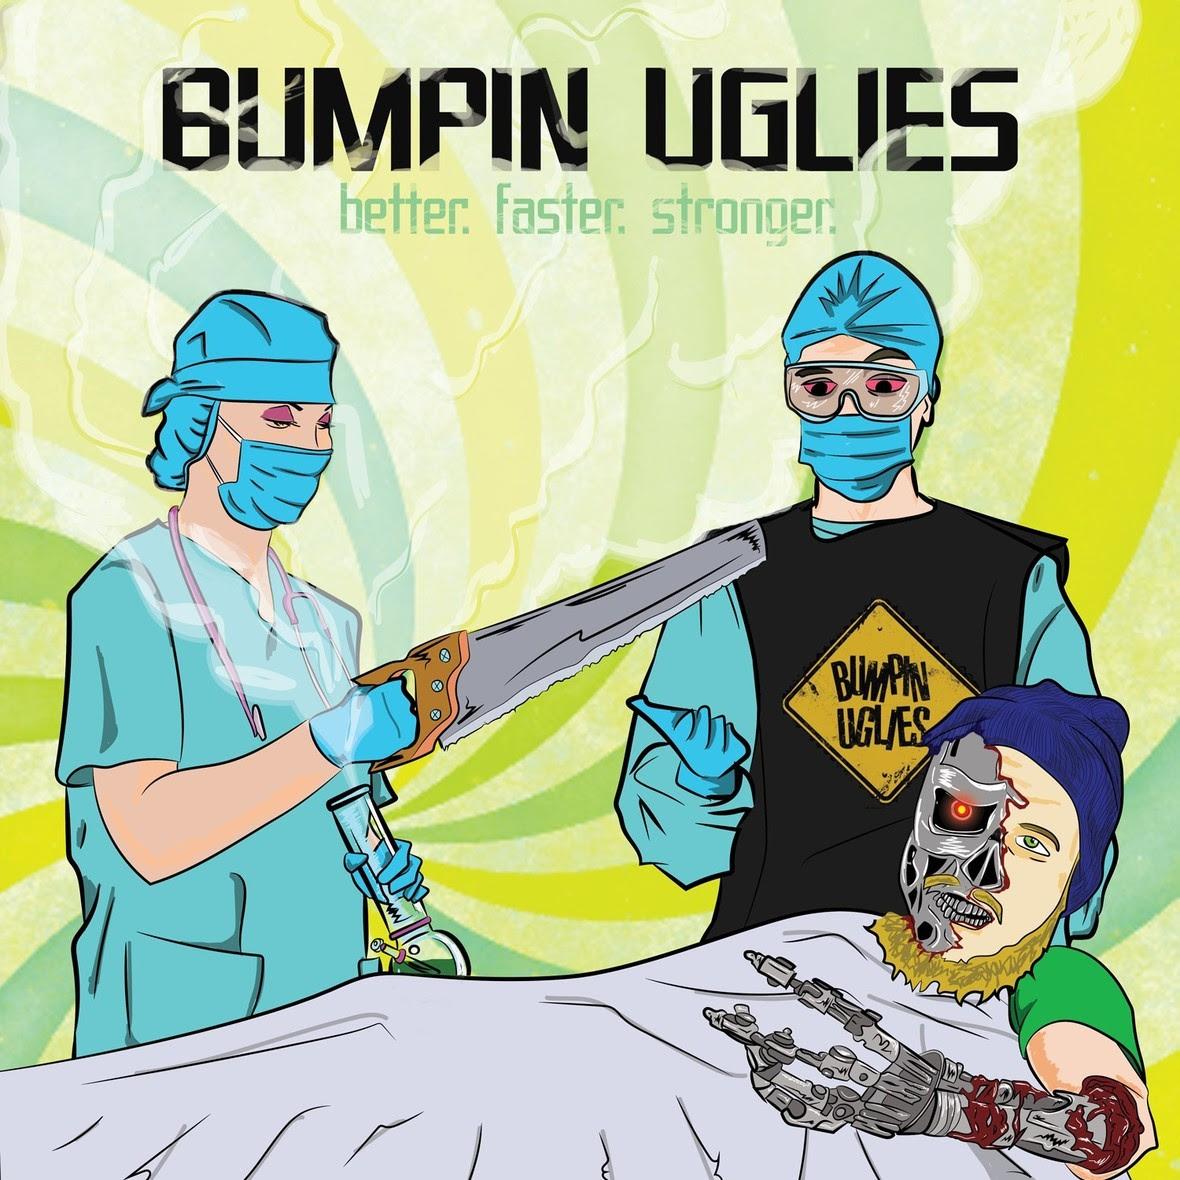 bumpin uglies cover art